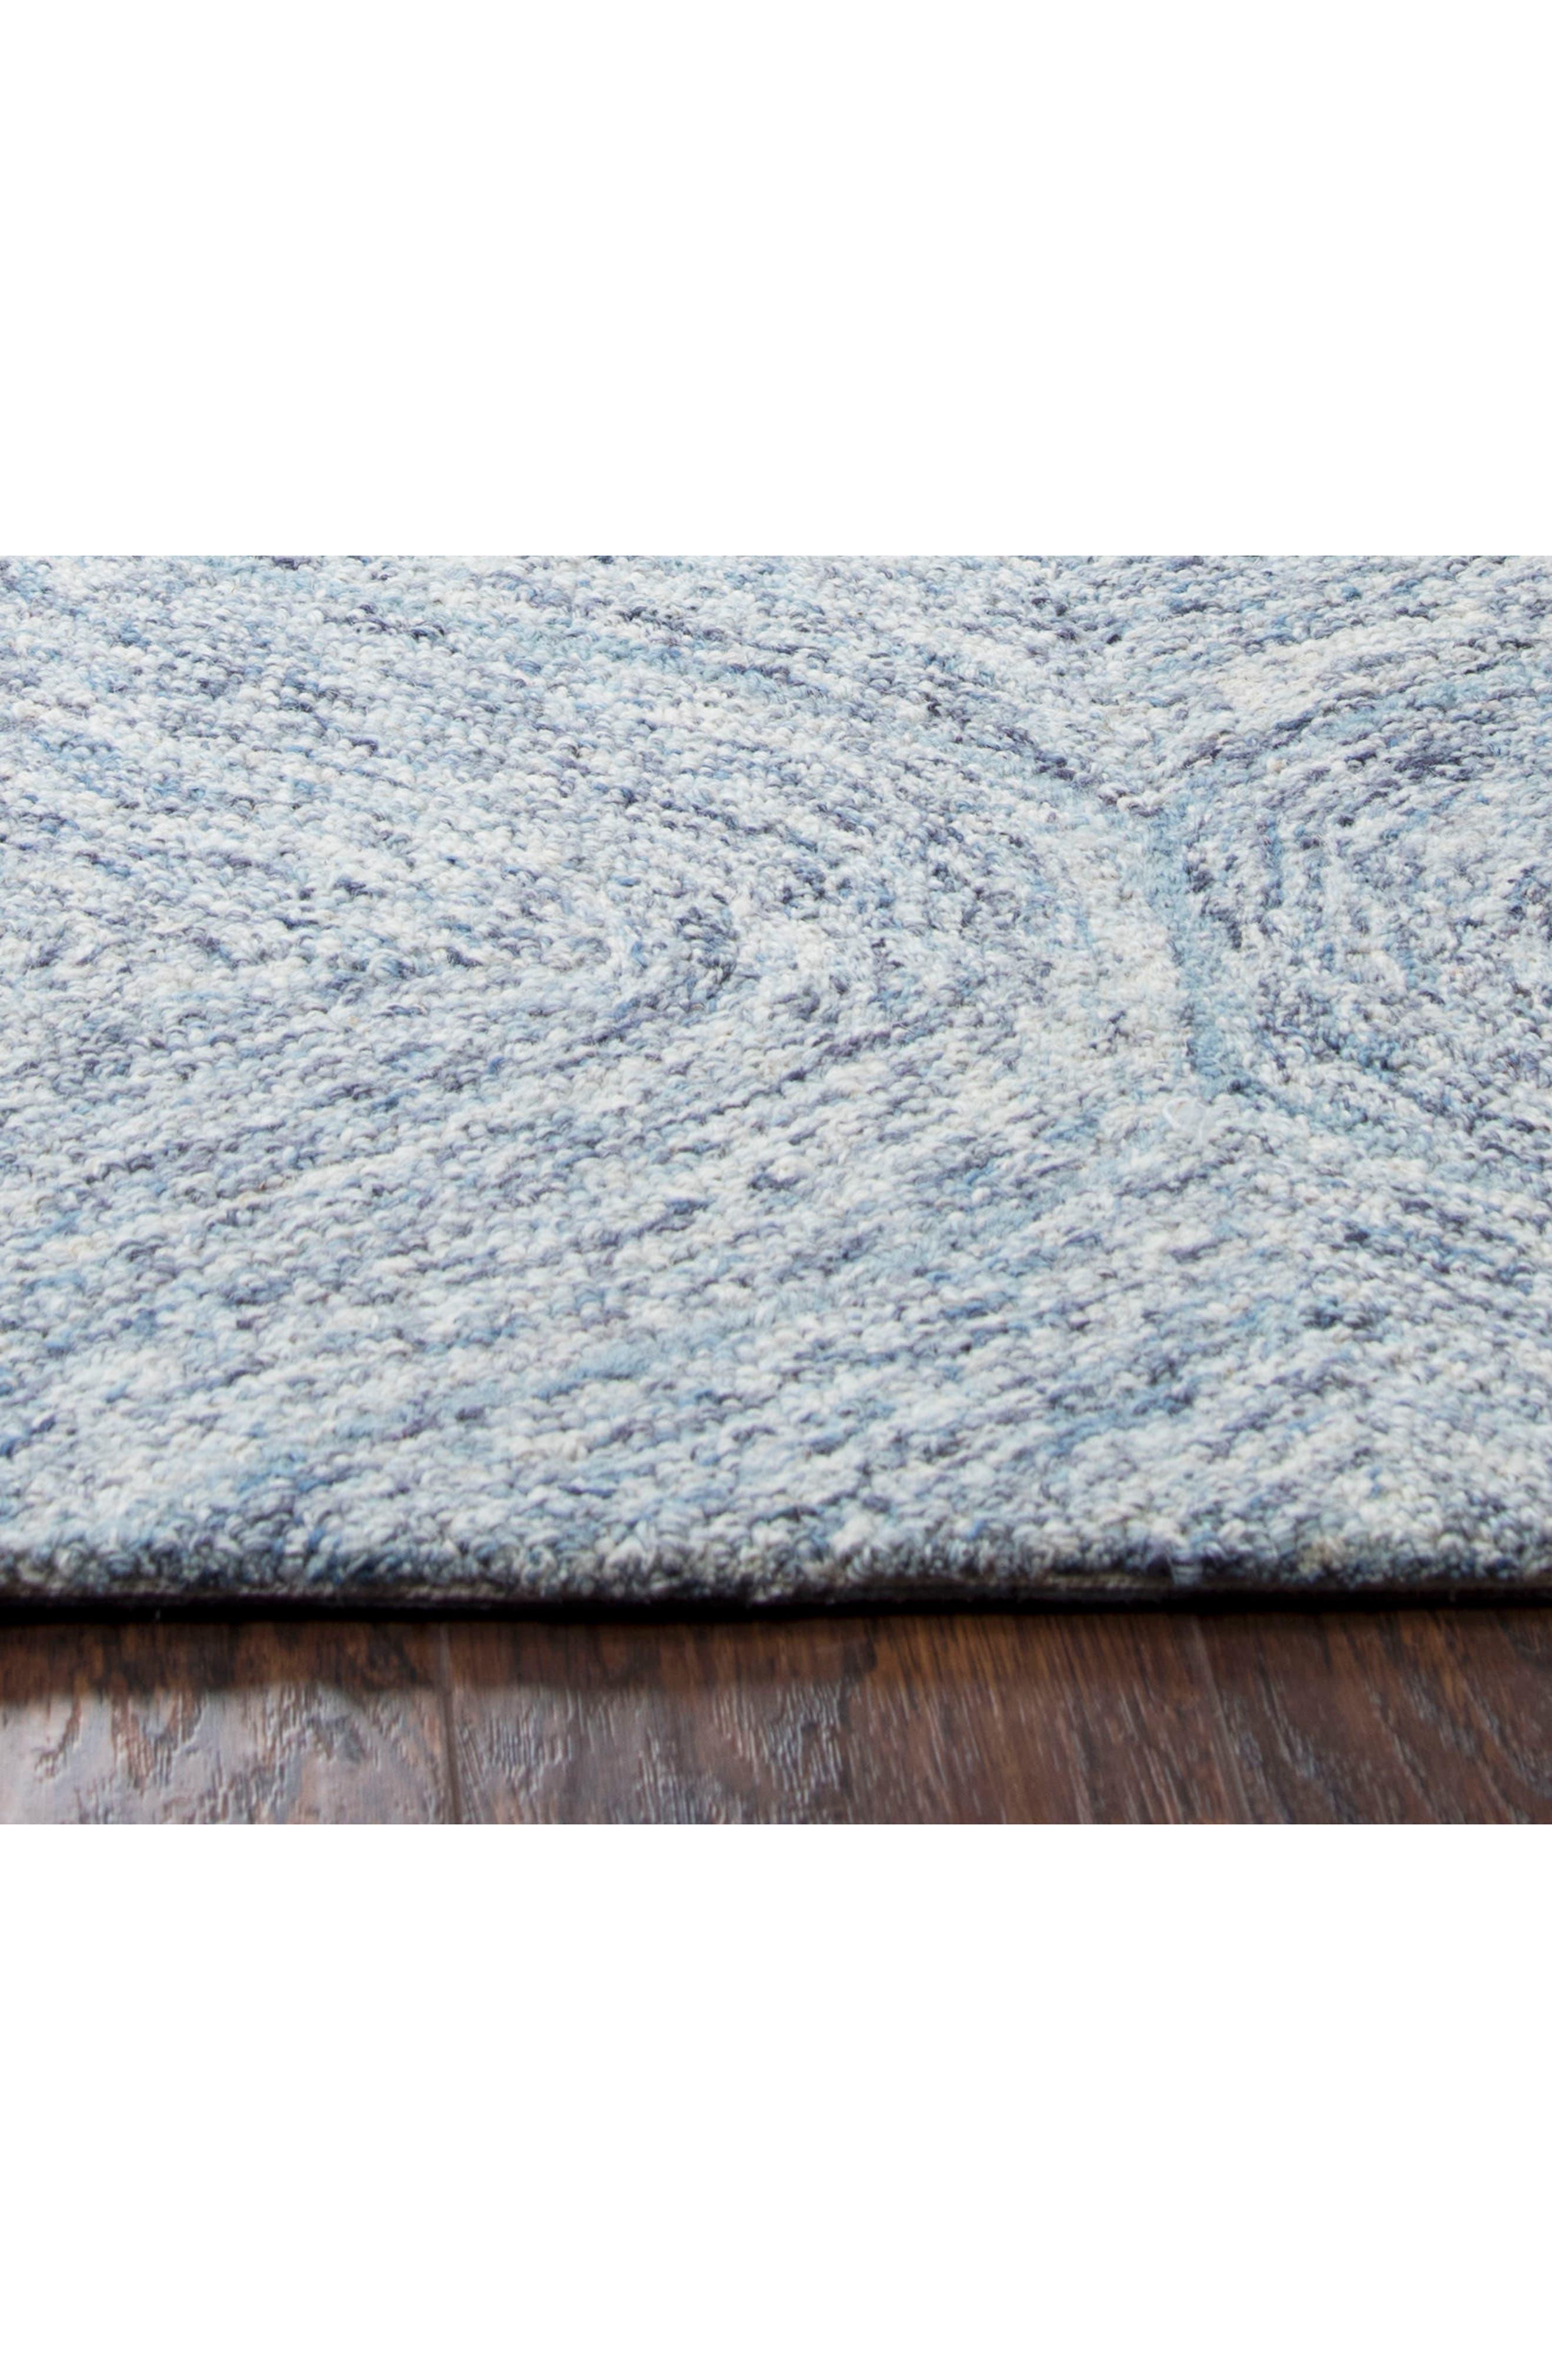 Irregular Diamond Hand Tufted Wool Area Rug,                             Alternate thumbnail 20, color,